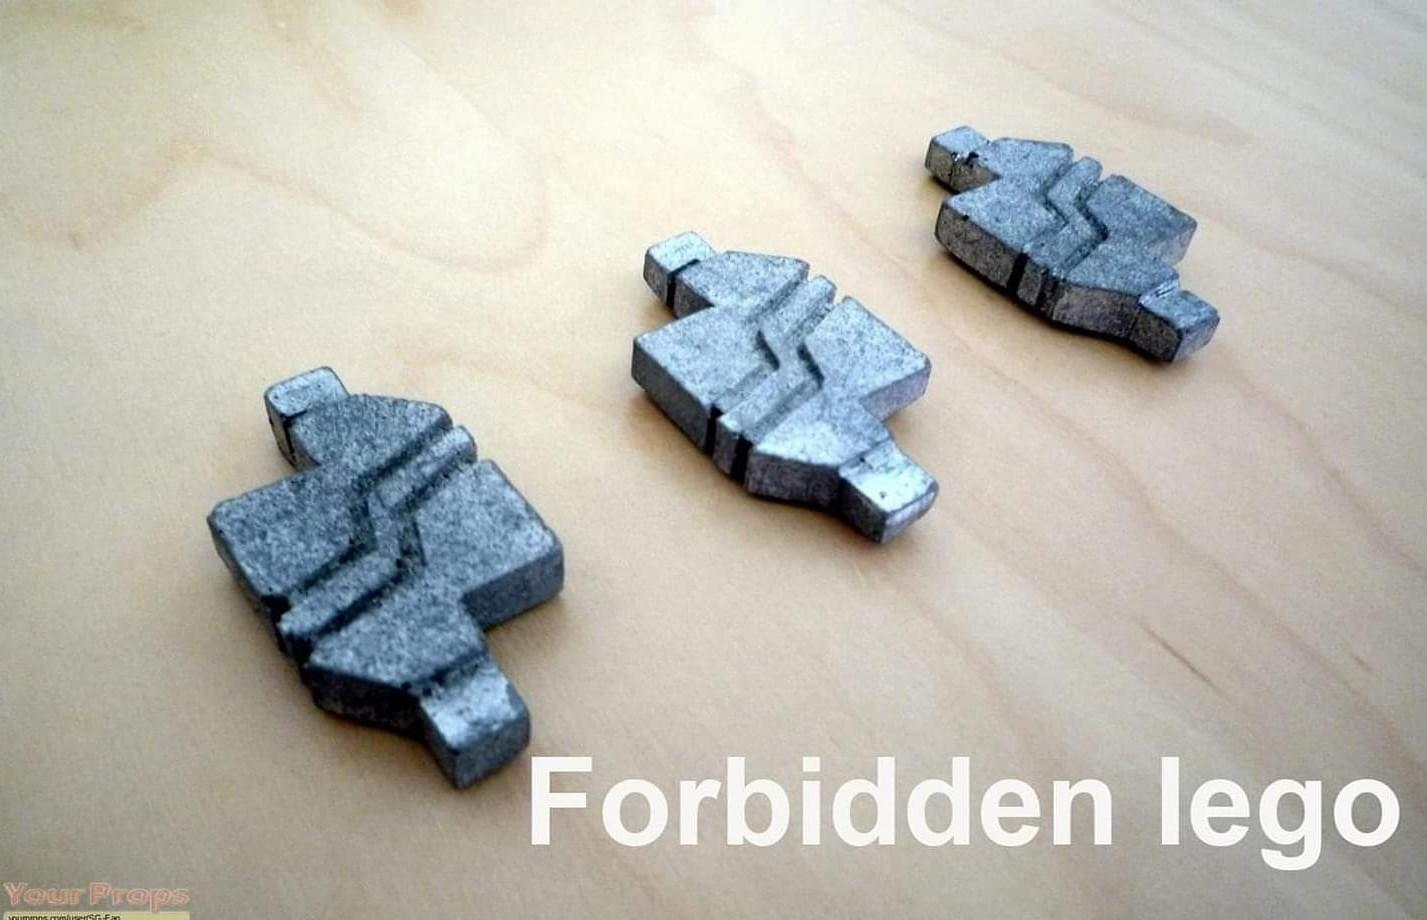 Forbidden legos - meme